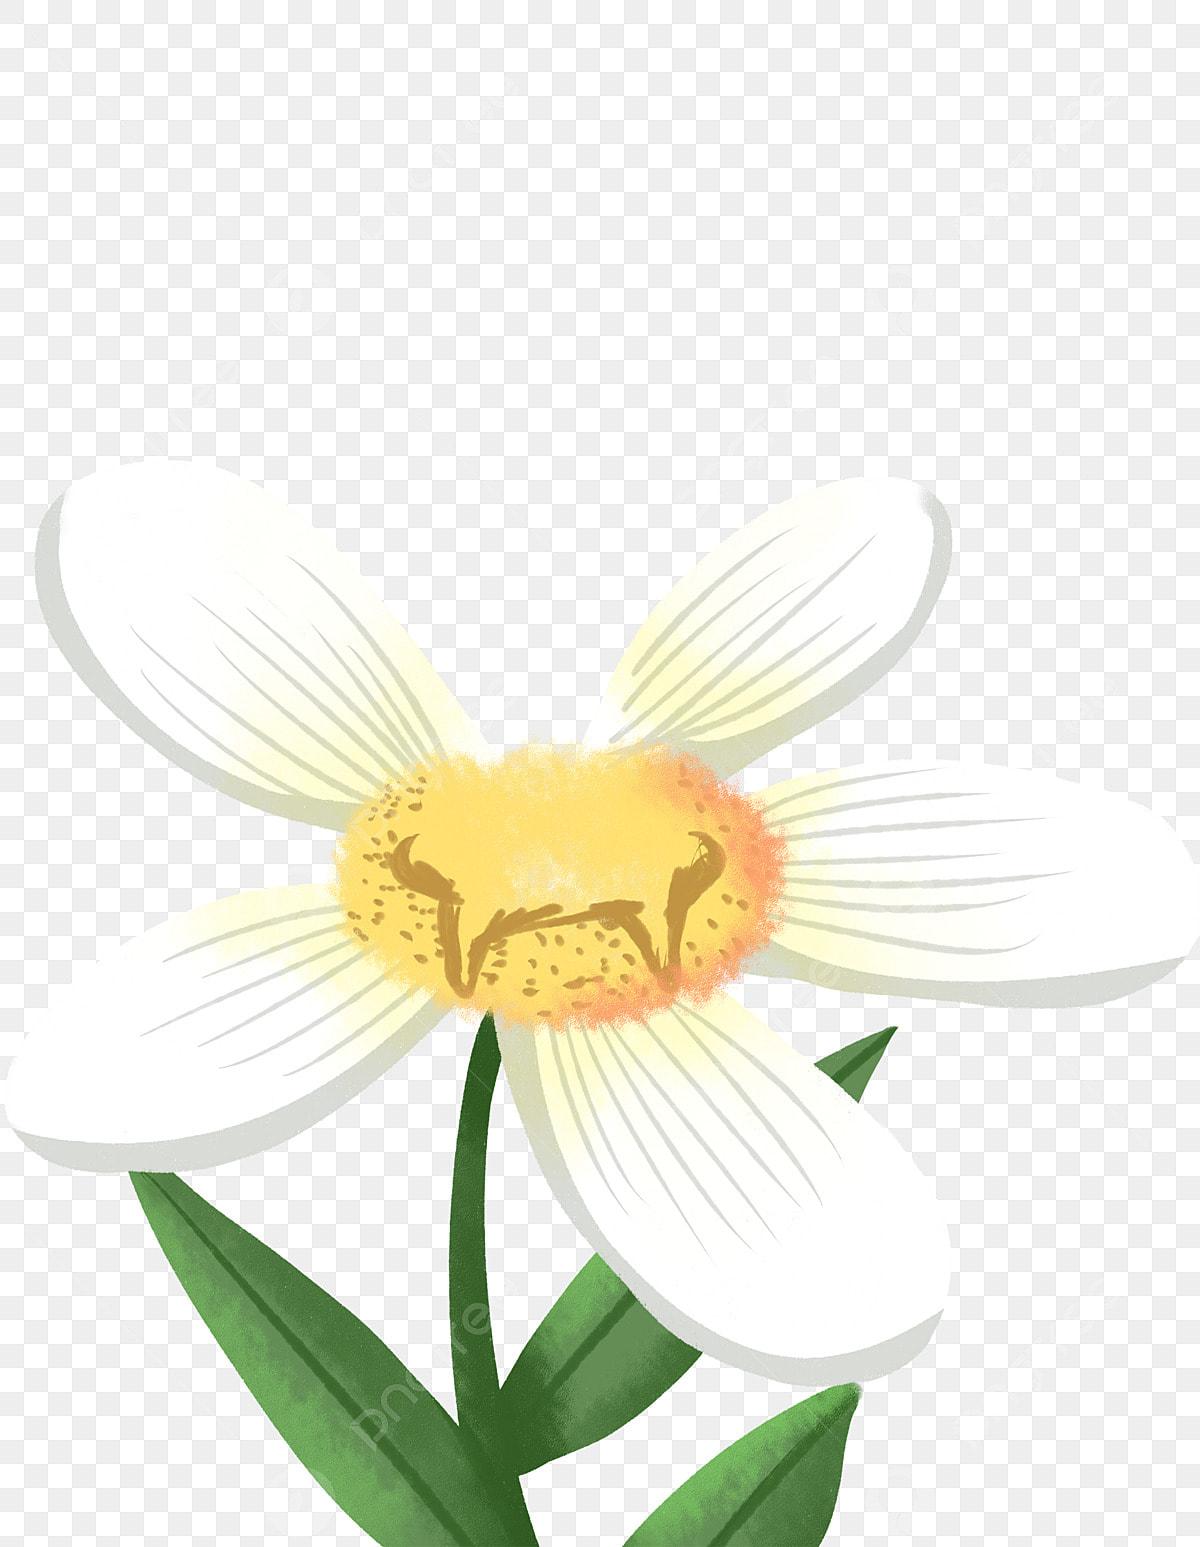 دوار الشمس أسس اليد المرسومة تصوير أبيض أخضر عباد الشمس الأبيض دوار الشمس نبات مرسومة باليد Png وملف Psd للتحميل مجانا